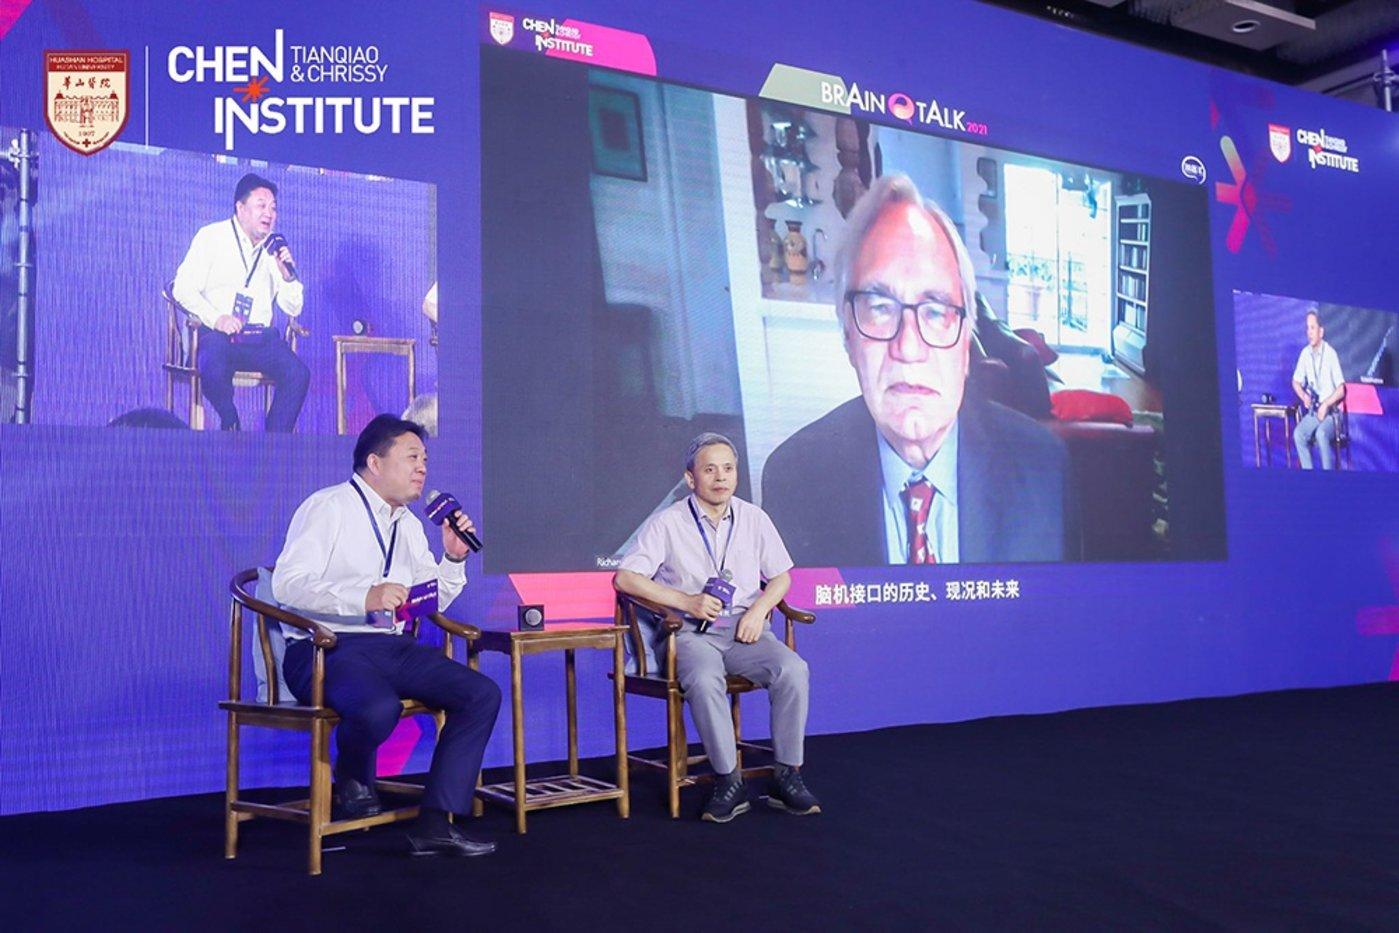 华山医院院长、天桥脑科学研究院转化中心主任毛颖教授(左)和中国科学院院士段树民(右)(图片来源自TCCI)